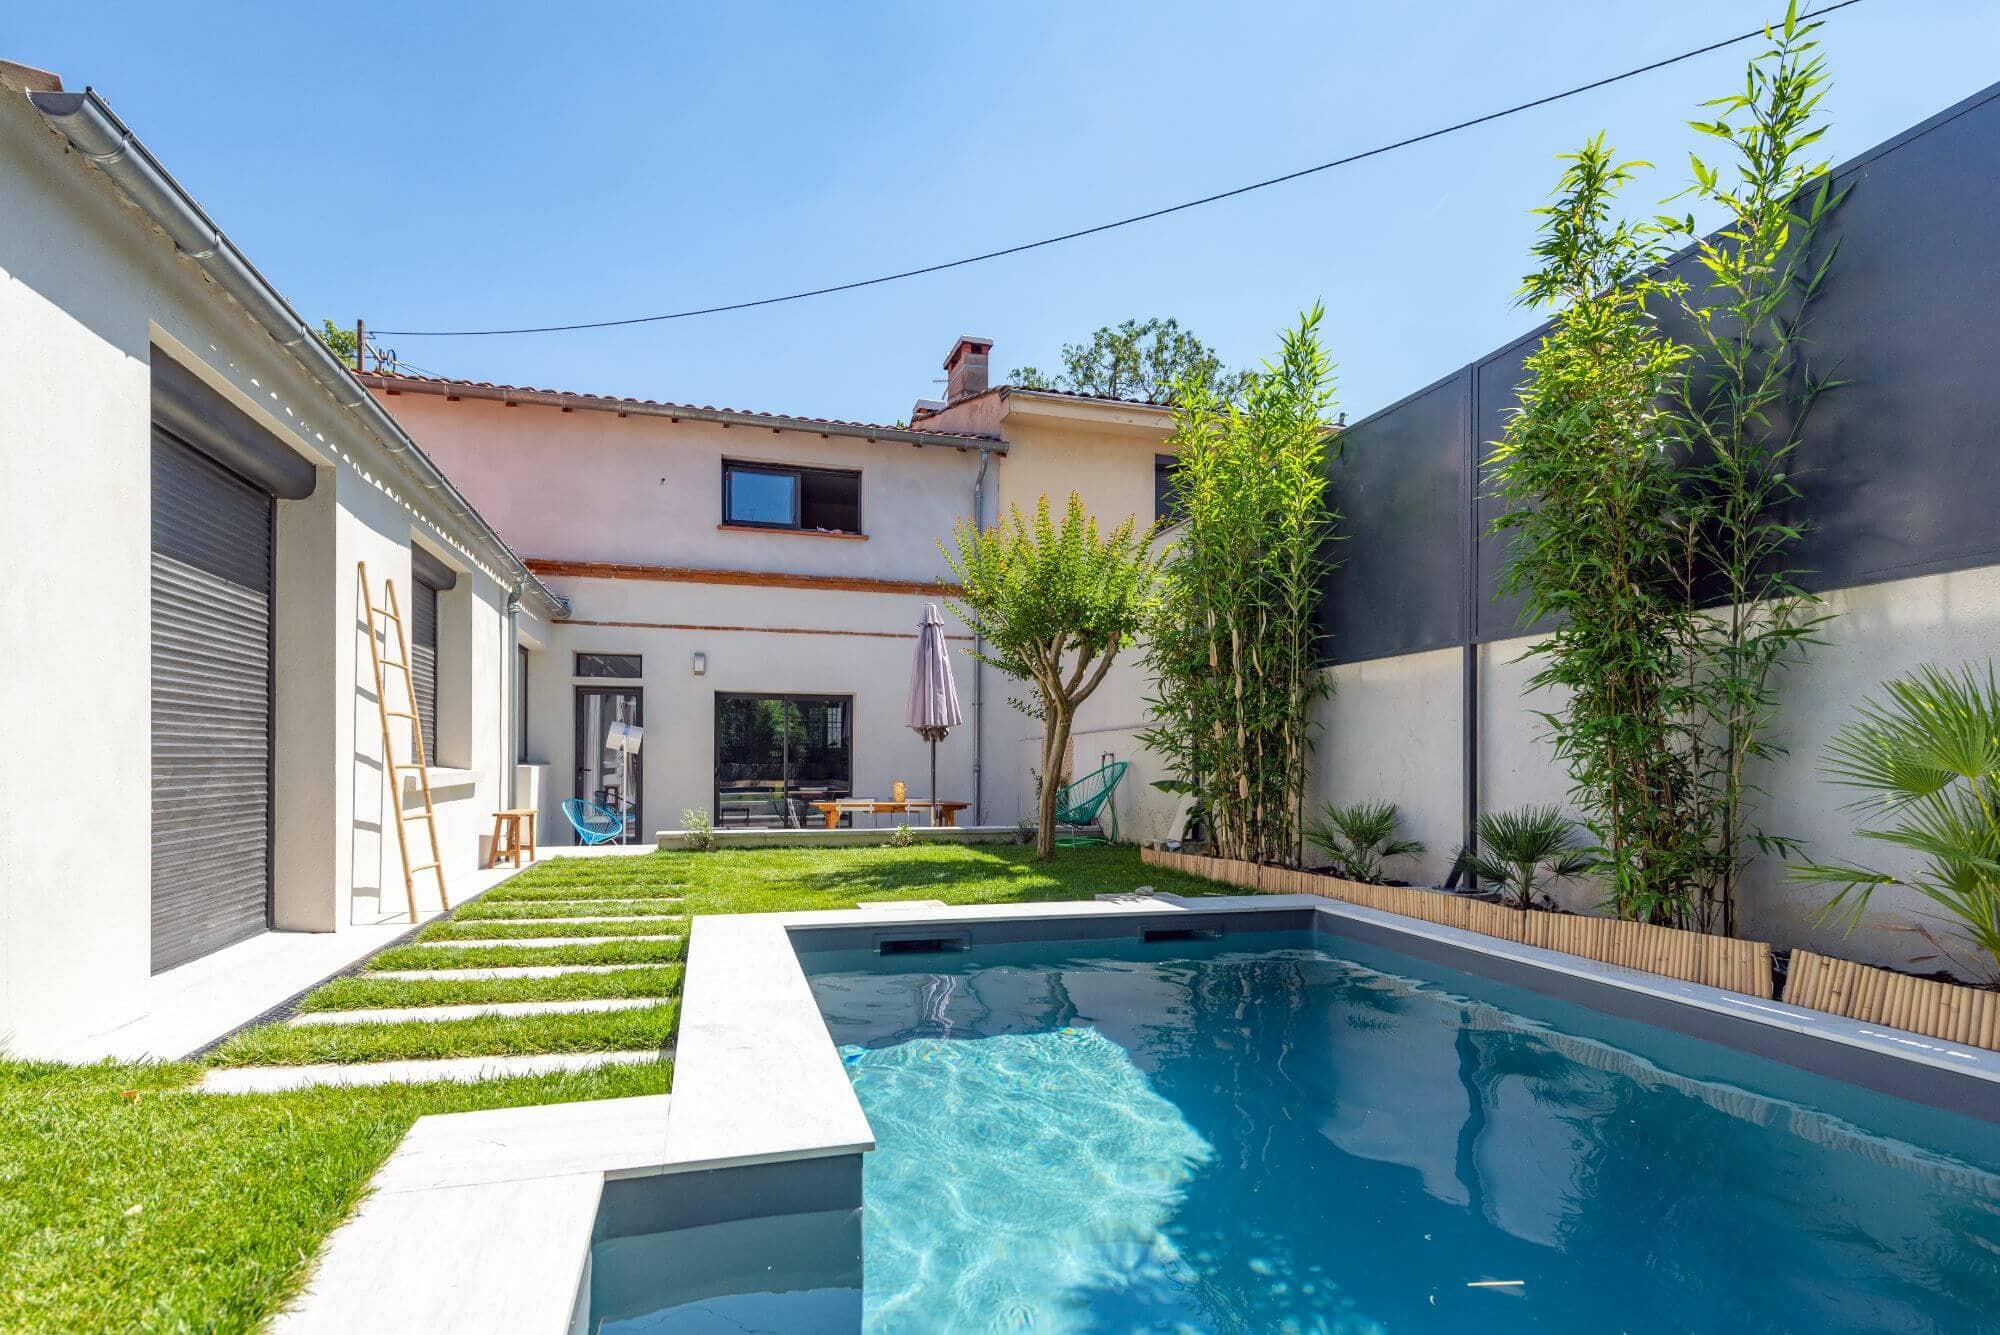 Maison, Claustra, Piscine, Quartier Limayrac